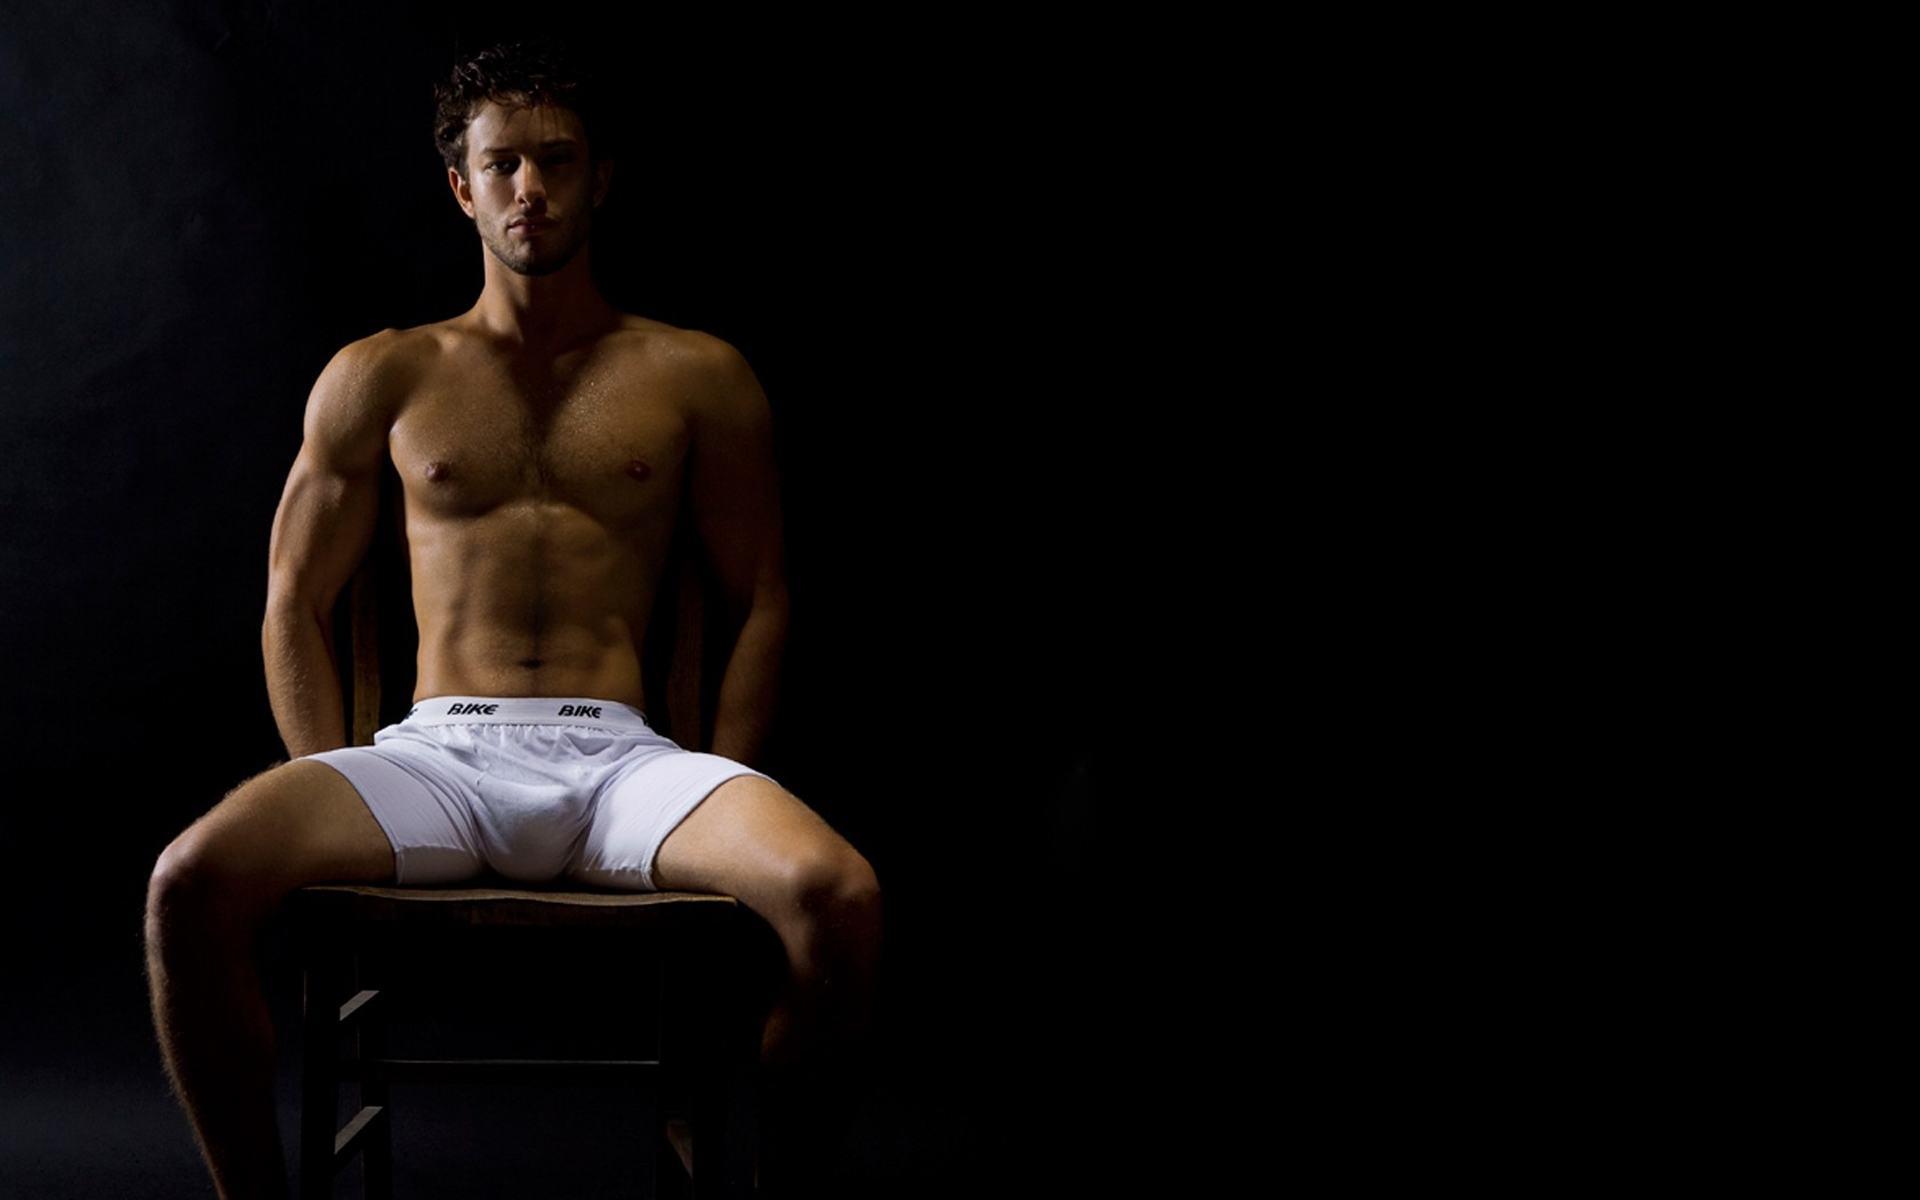 Сексуальные мужские фотки 21 фотография